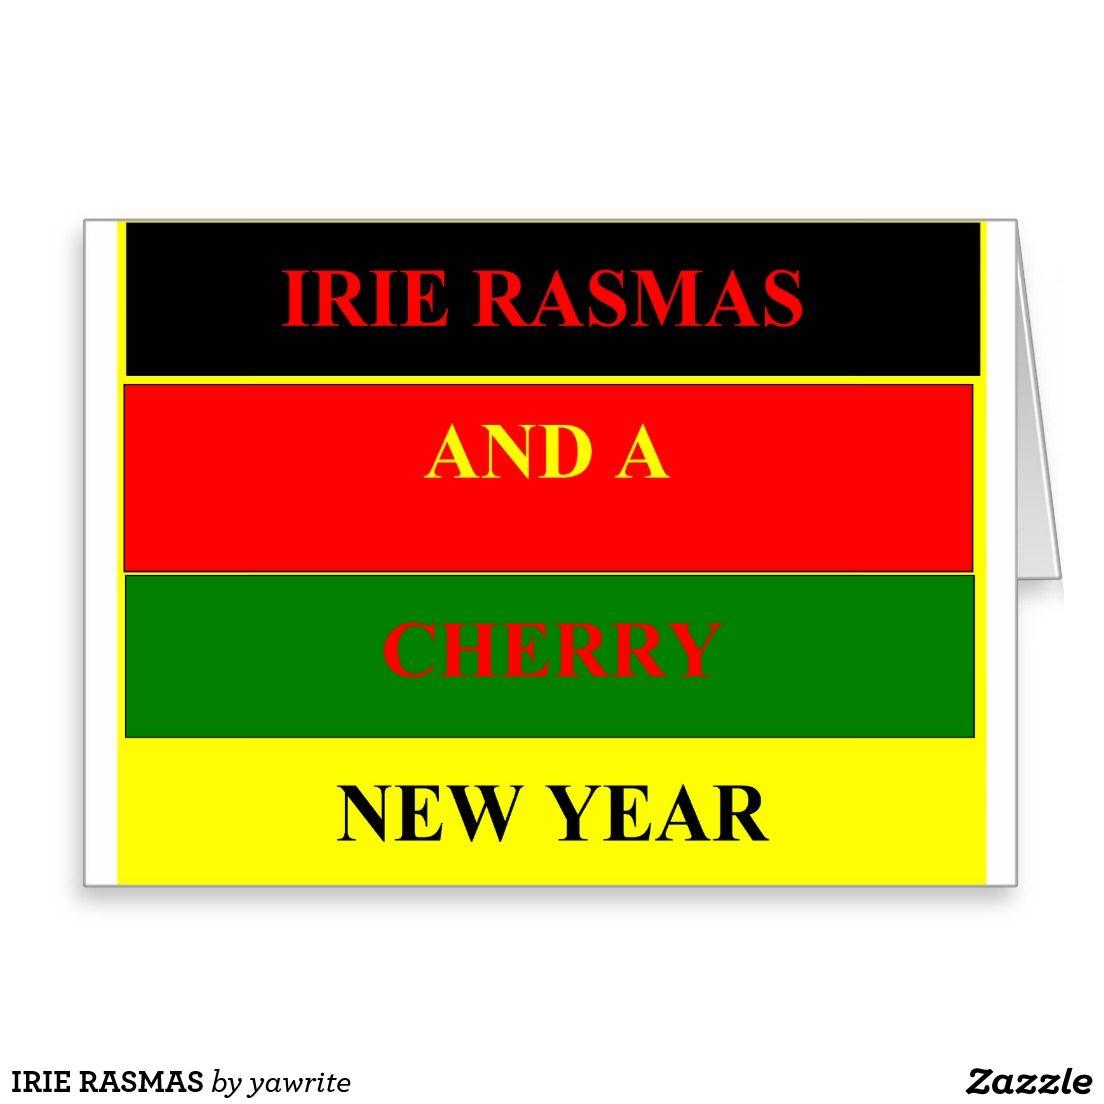 Irie rasmas ralph staples greetings inc pinterest irie rasmas greeting card rasta christmas m4hsunfo